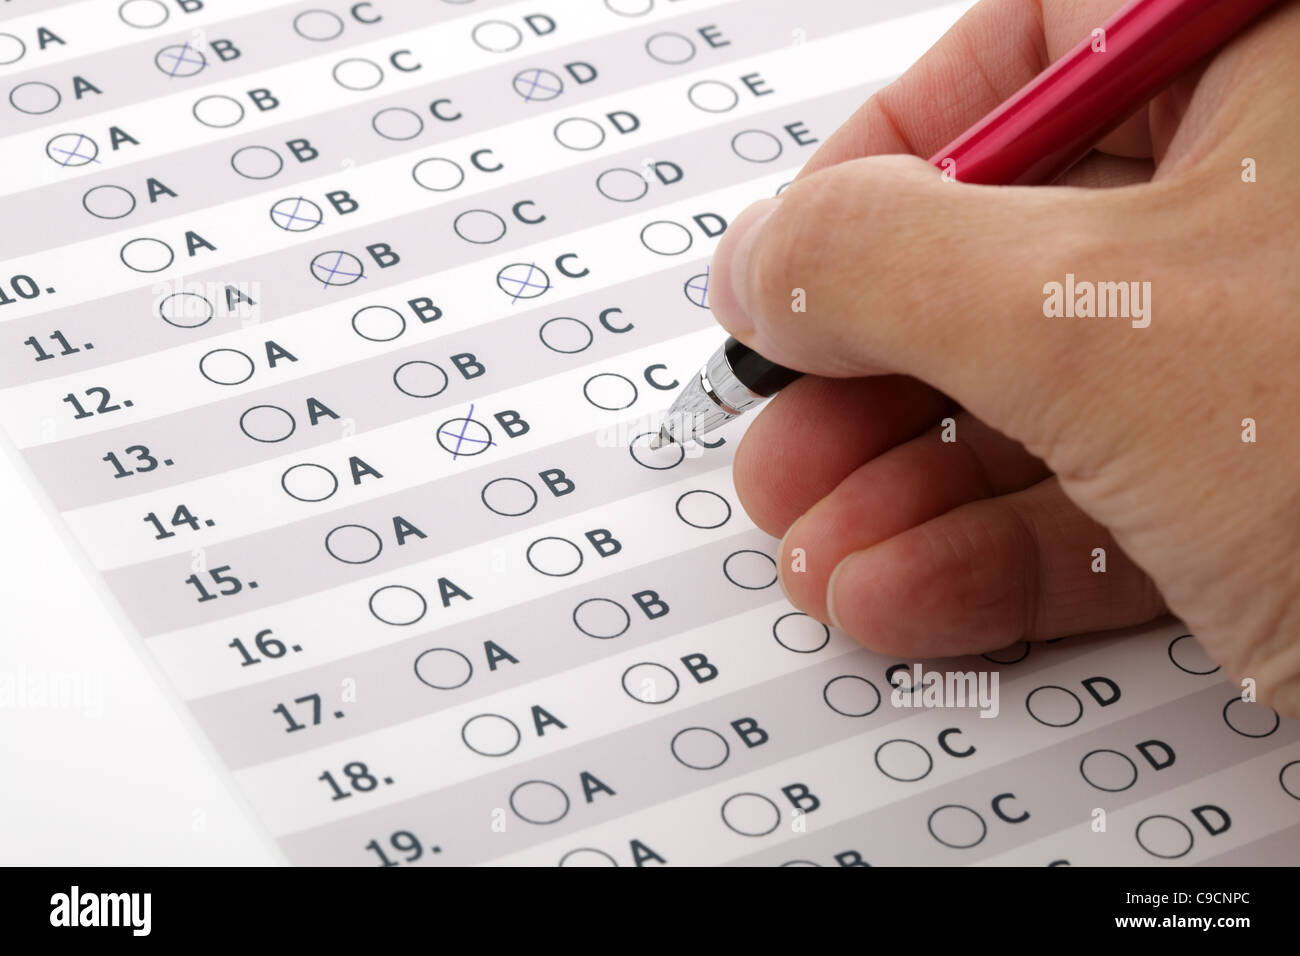 Encuesta de satisfacción del servicio de atención al cliente o examen de elección múltiple Imagen De Stock